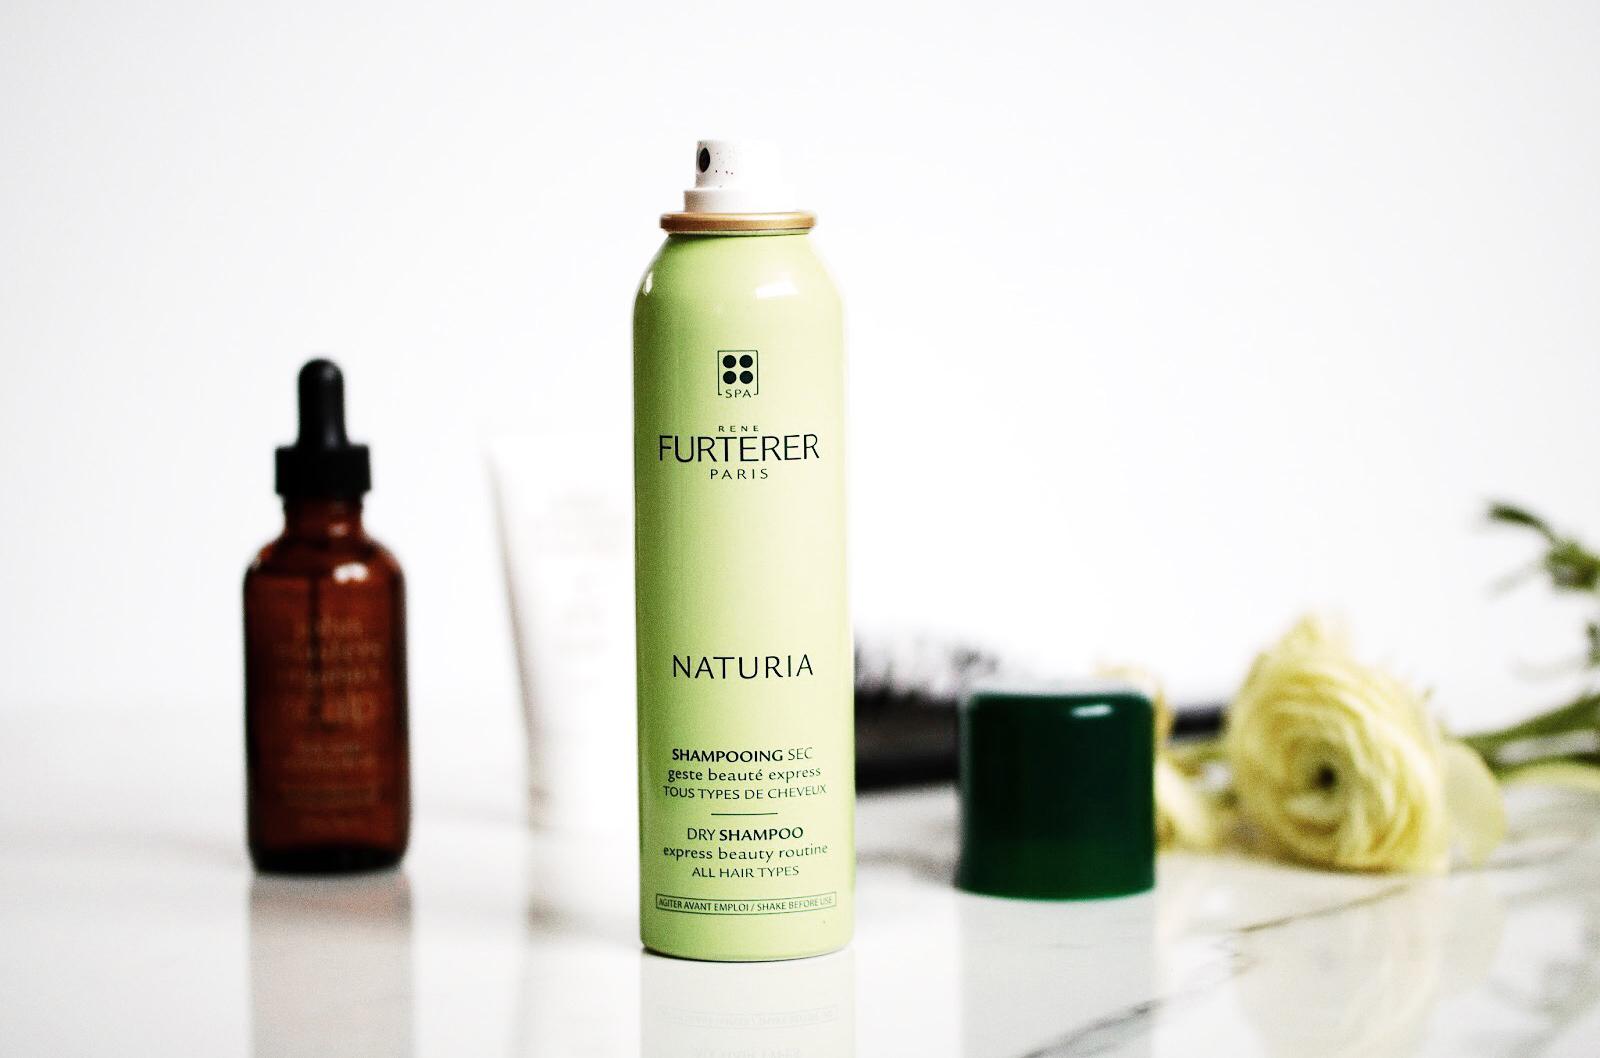 rene furterer shampooing sec naturia avis test